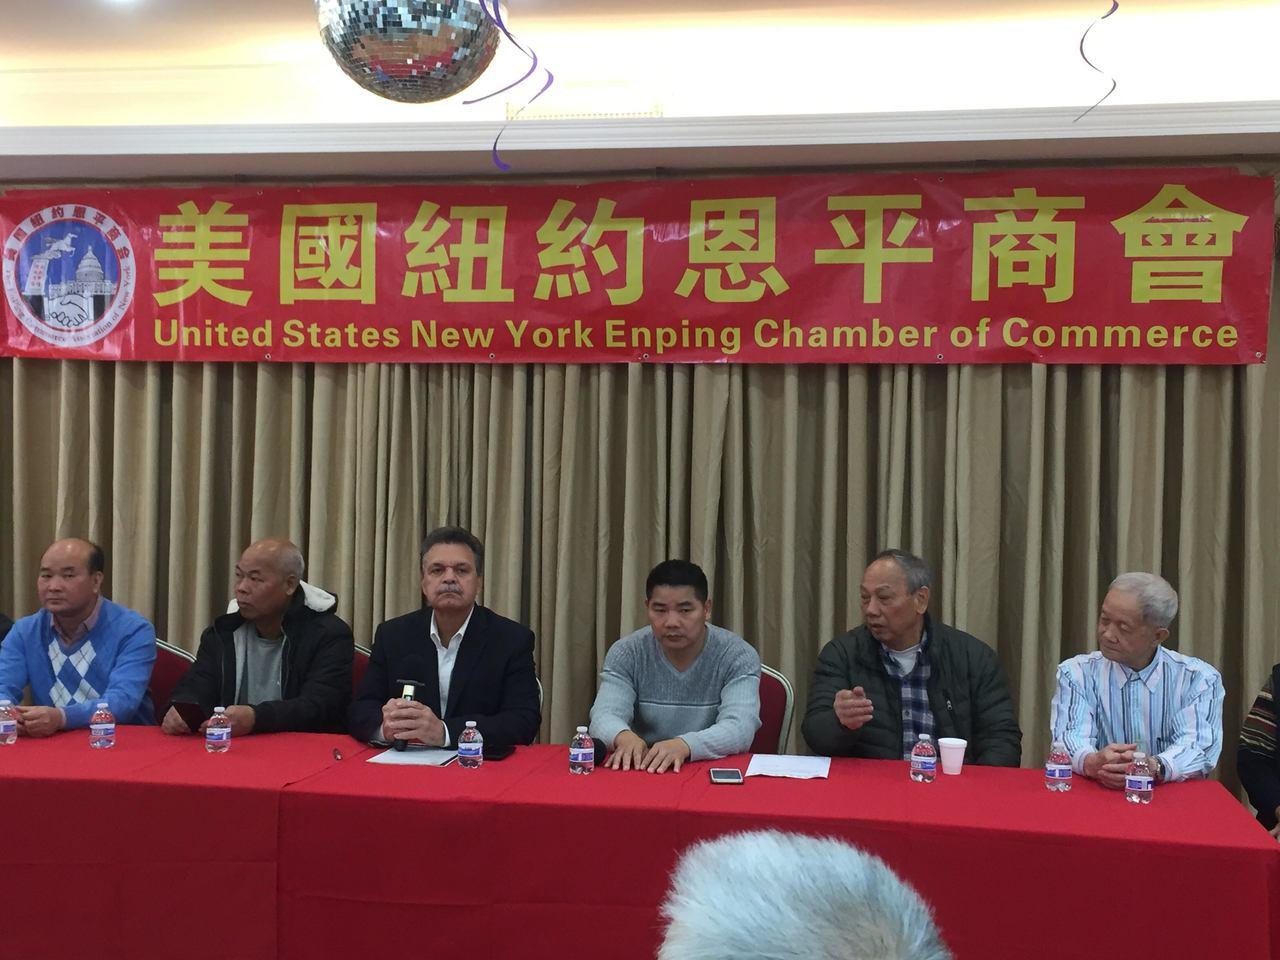 華裔夫婦波多黎各遇害,紐約同鄉、議員關切。 記者顏潔恩攝影